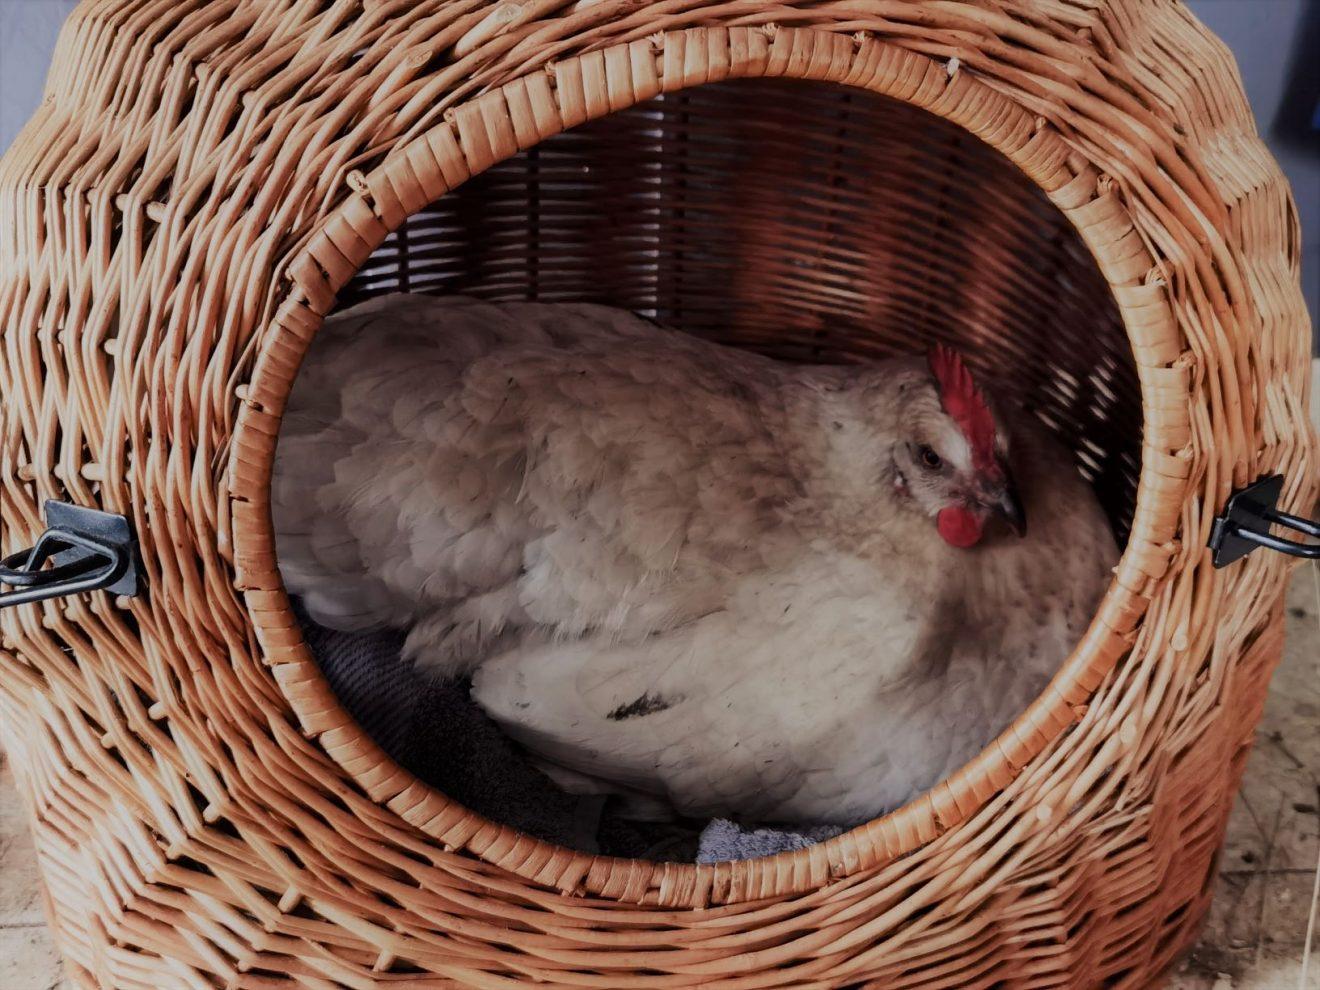 Huhn im Katzenkorb